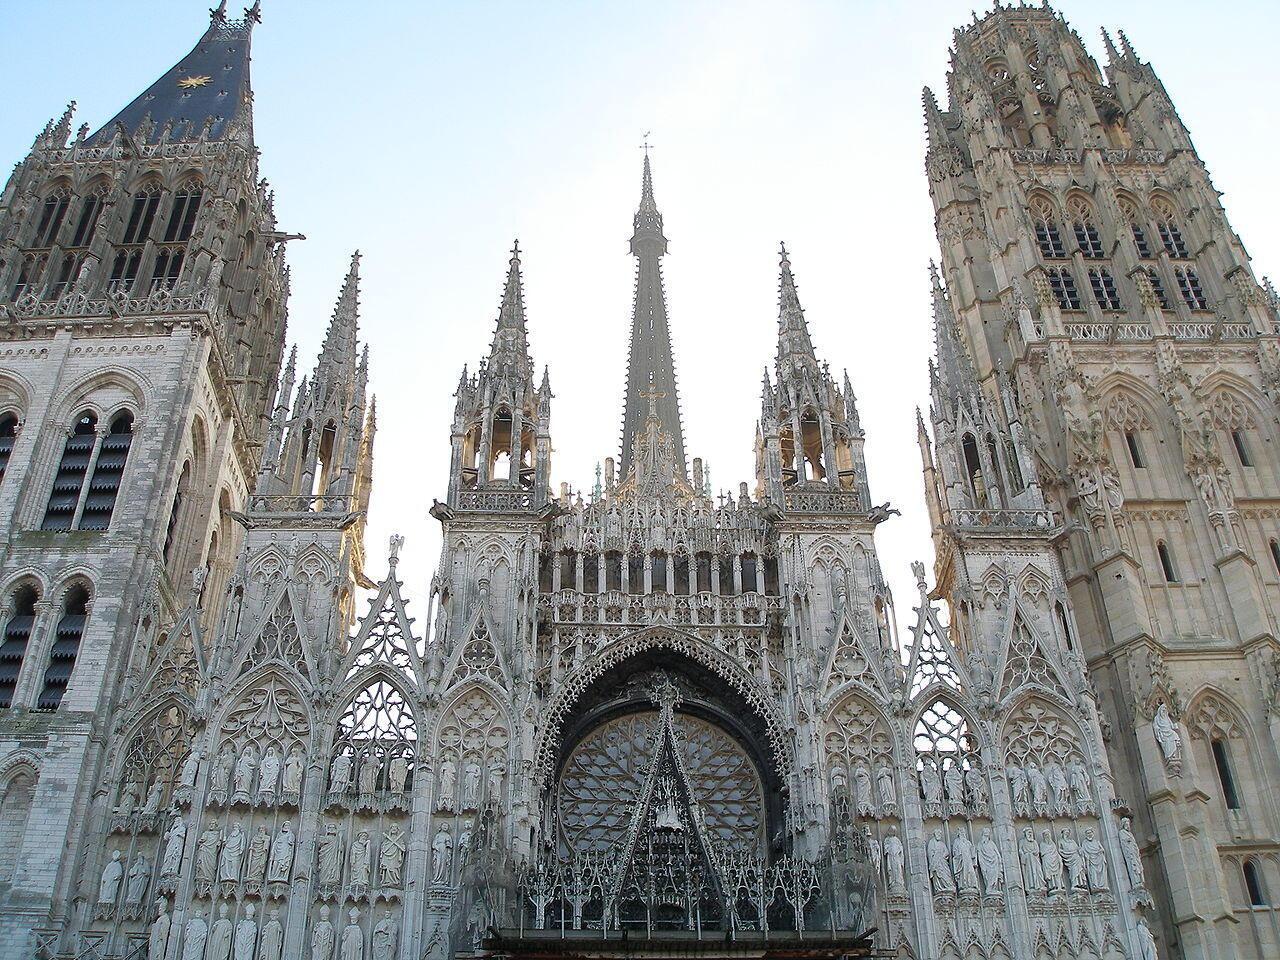 Mặt tiền nhà thờ Notre-Dame de Rouen, Tour Saint-Romain (T) và Tour de Beurre (P).